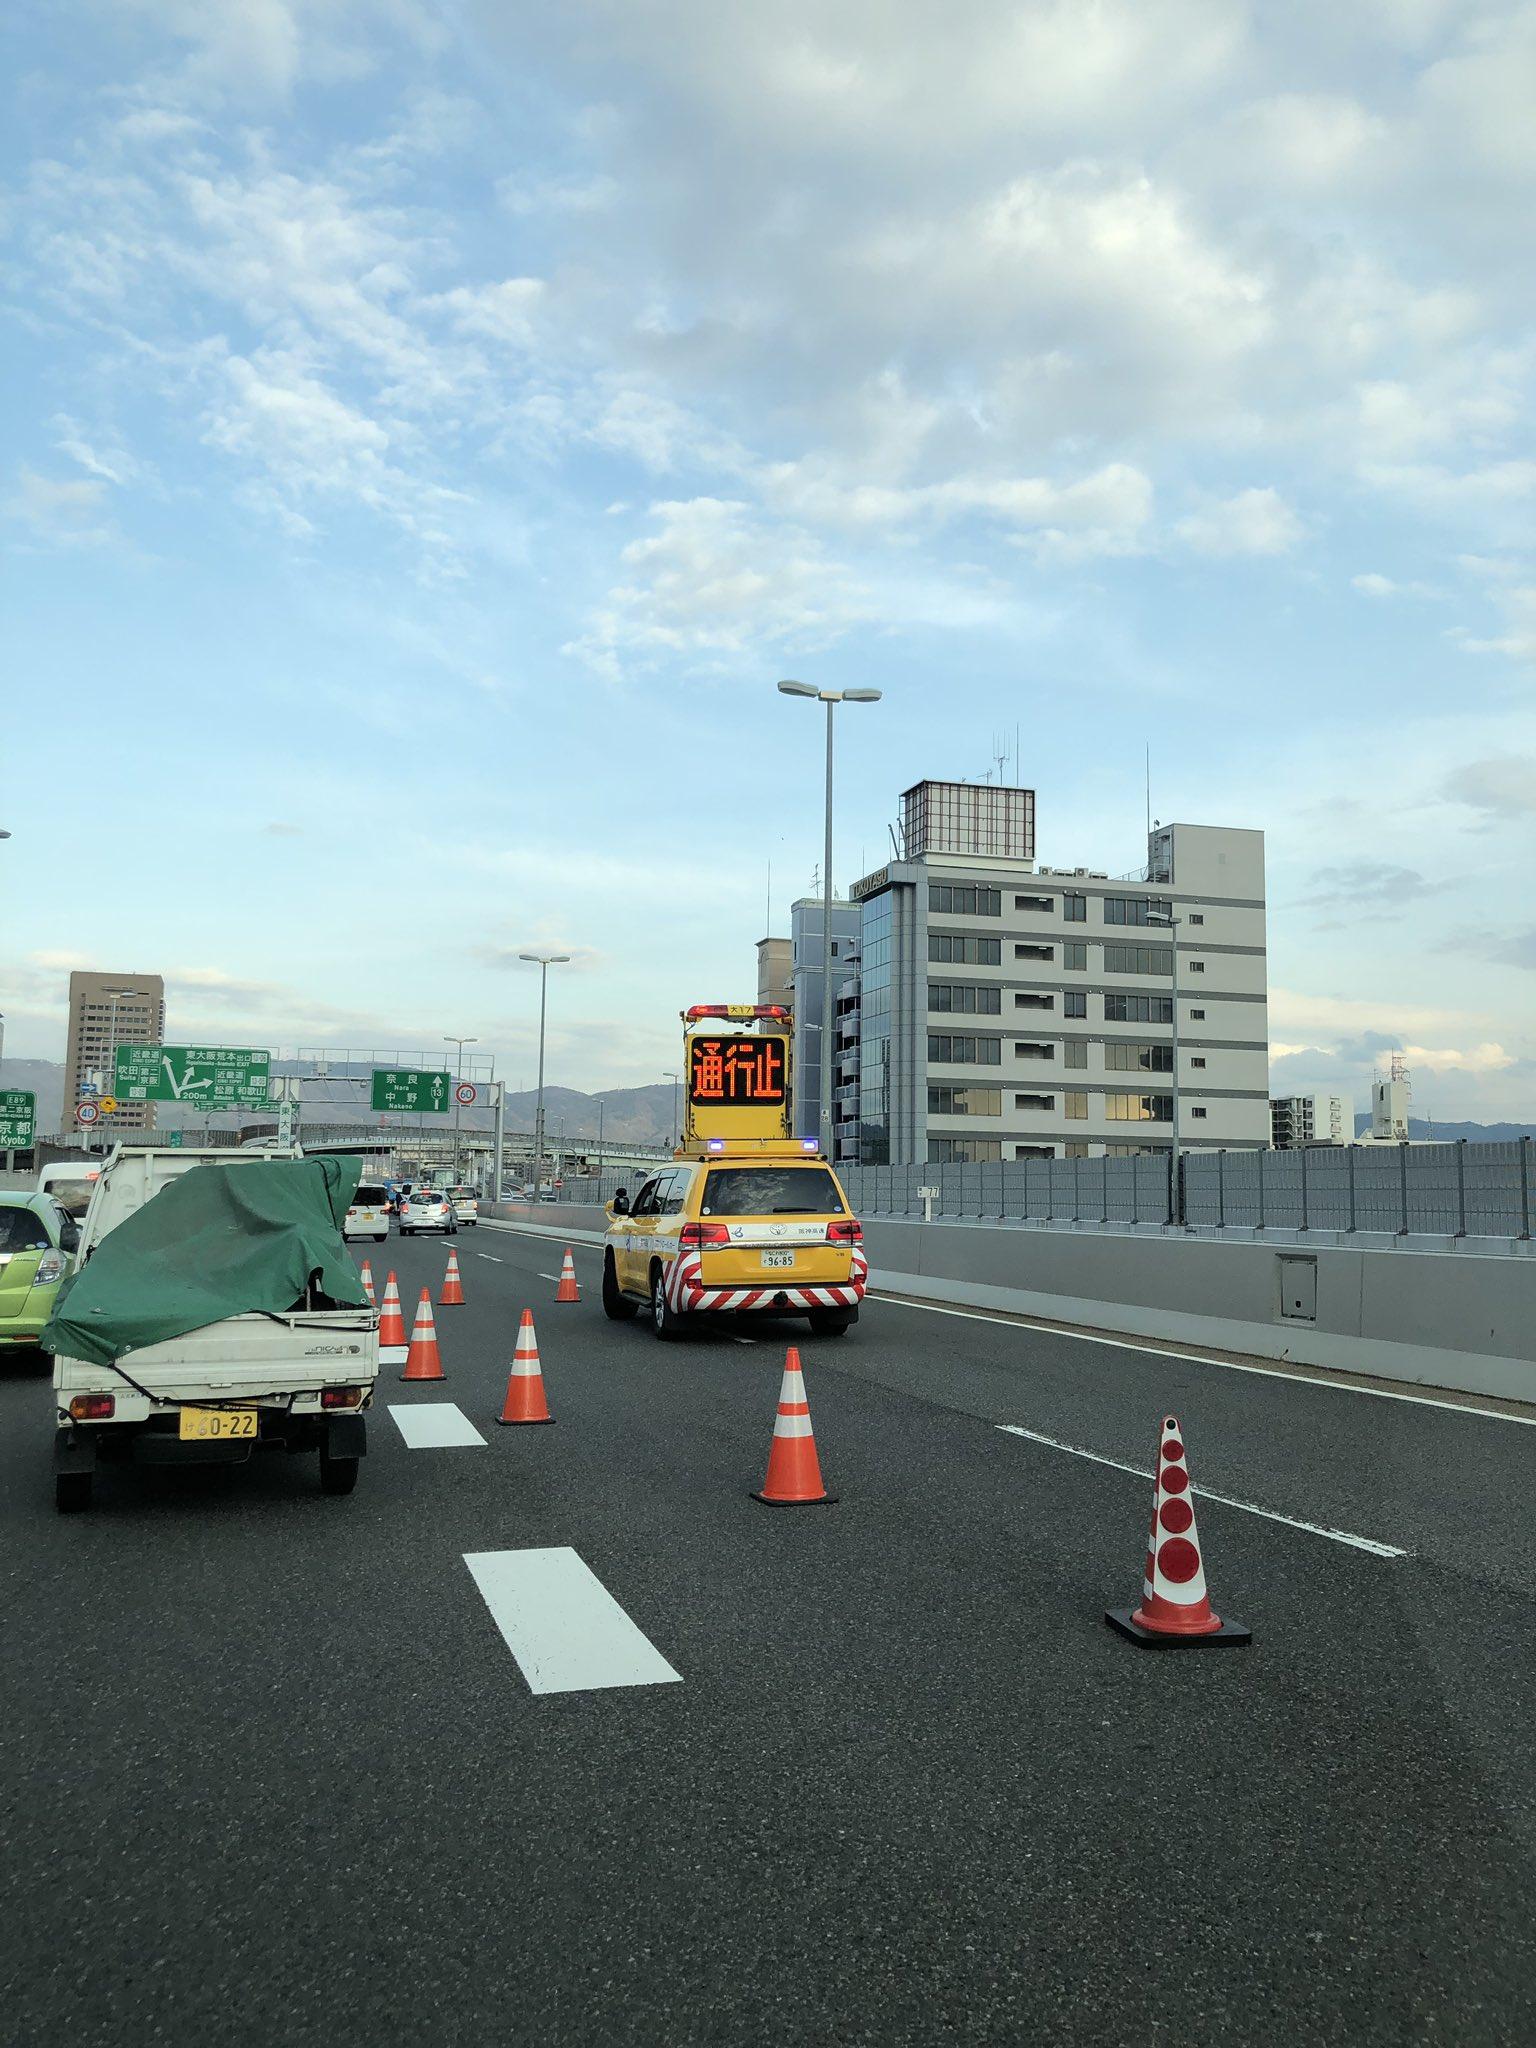 画像,阪神高速通行止めバックさせて1台ずつ救出してる、、、 https://t.co/lNLRH4Wwam。